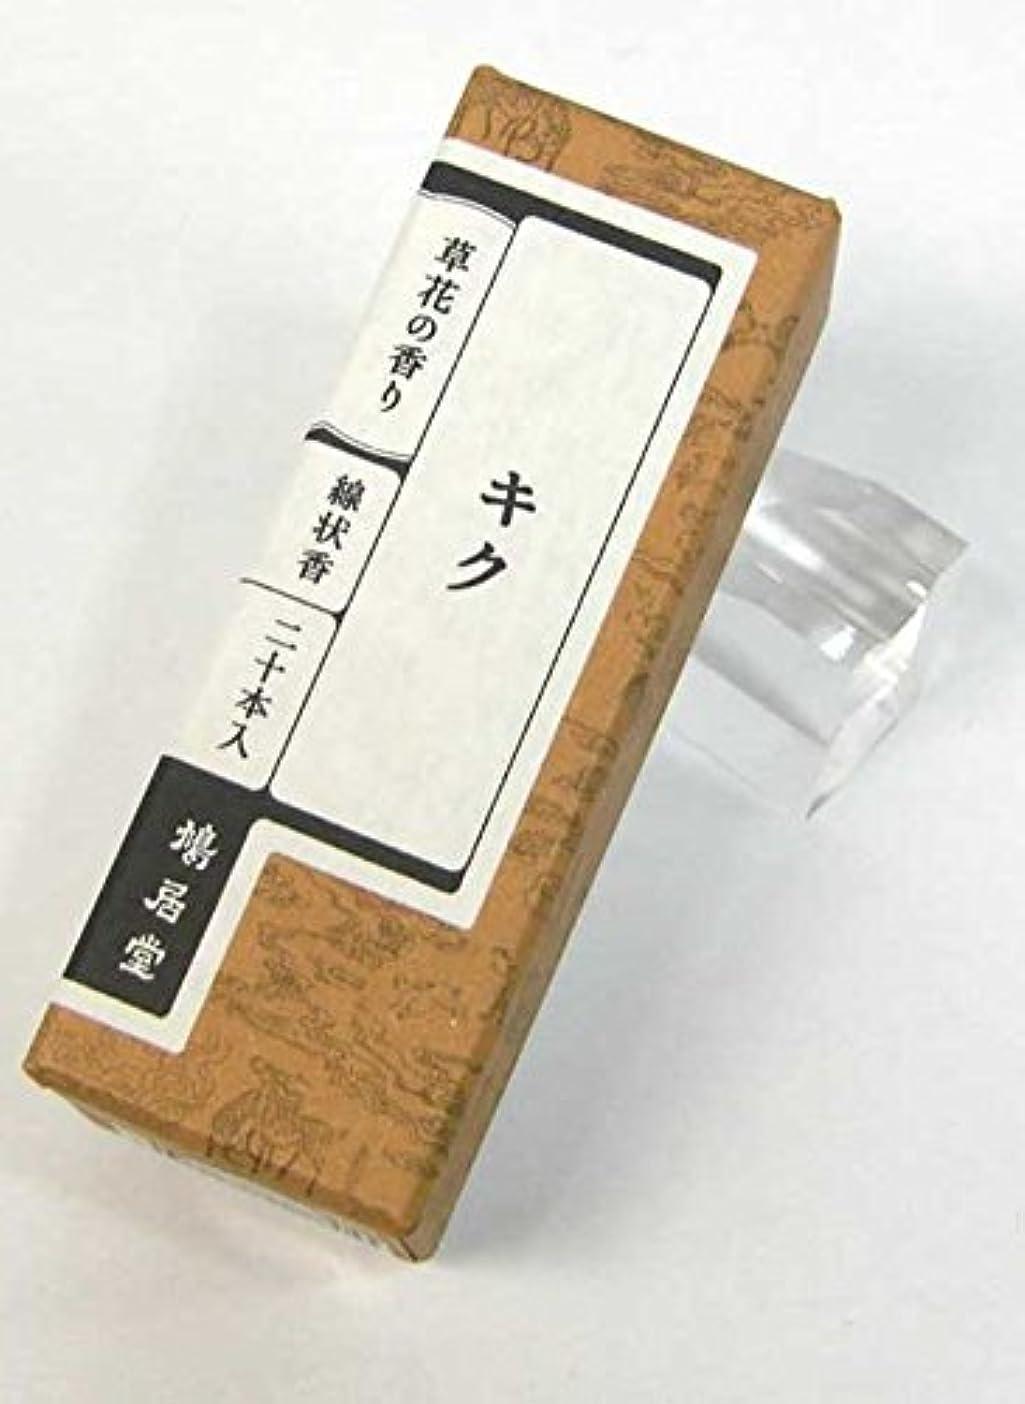 再生可能コンペ取り替える鳩居堂 お香 菊/キク 草花の香りシリーズ スティックタイプ(棒状香)20本いり